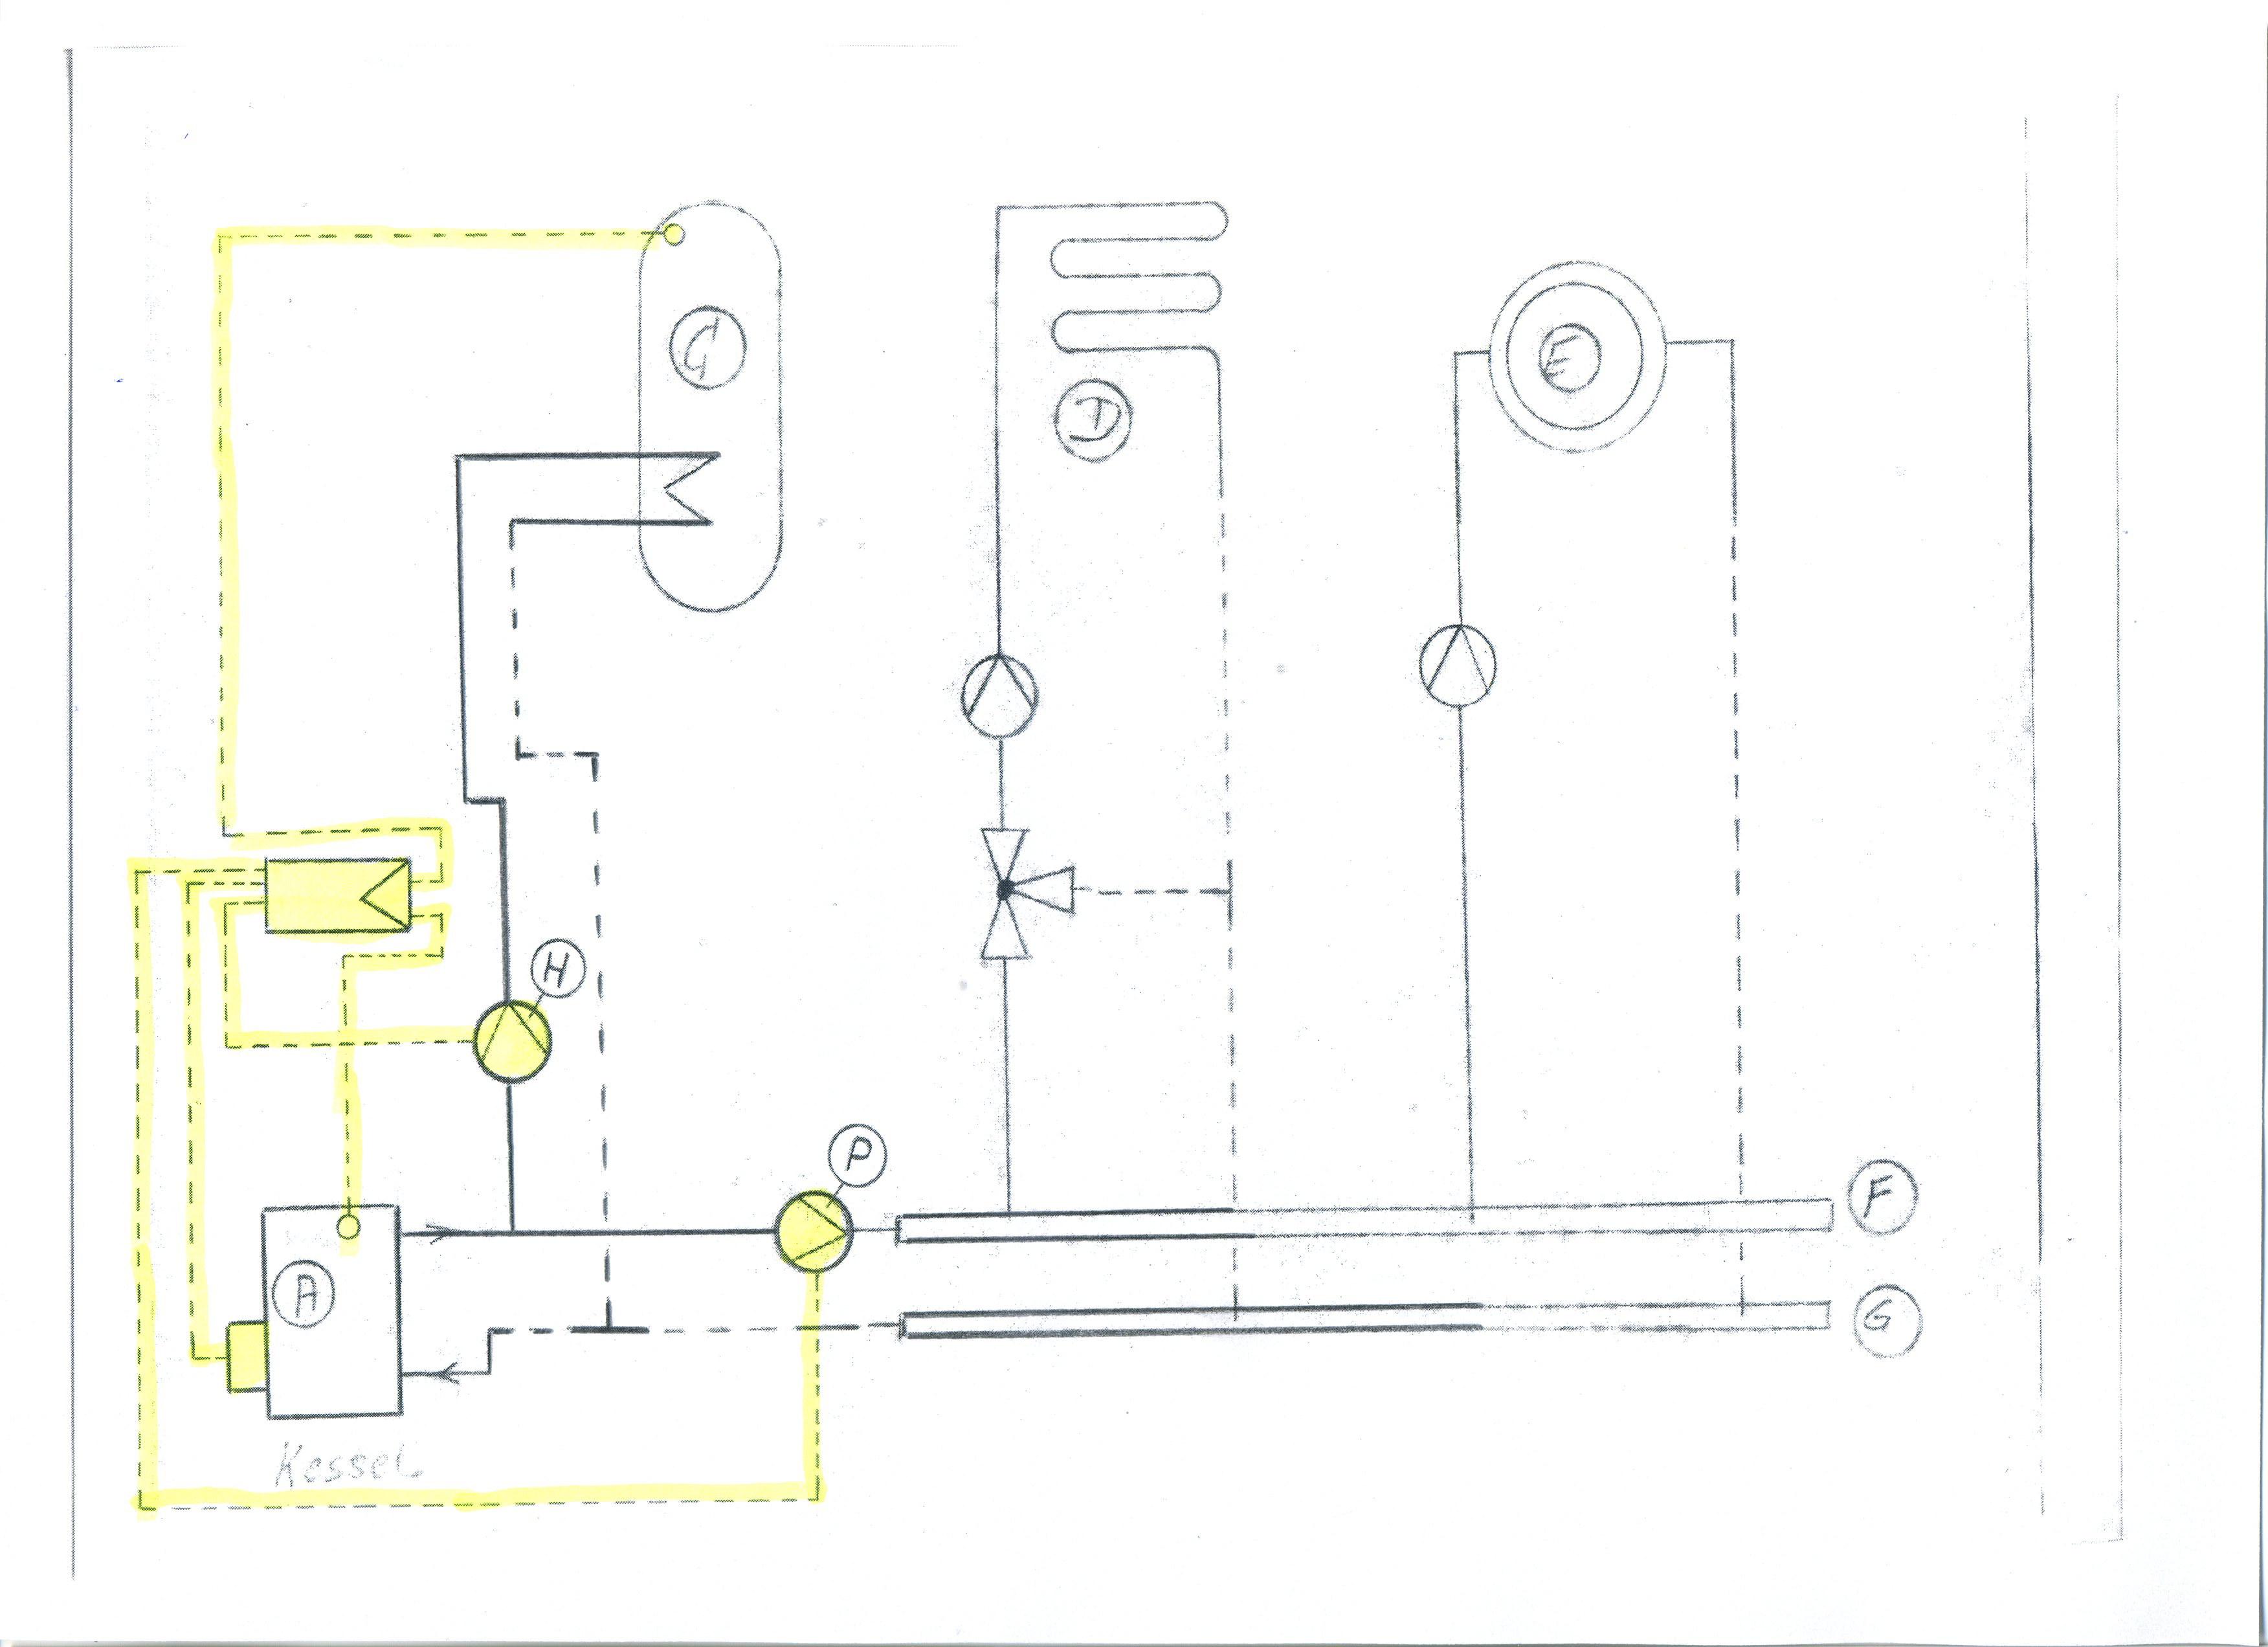 gro schema der heizungsanlage bilder schaltplan serie. Black Bedroom Furniture Sets. Home Design Ideas